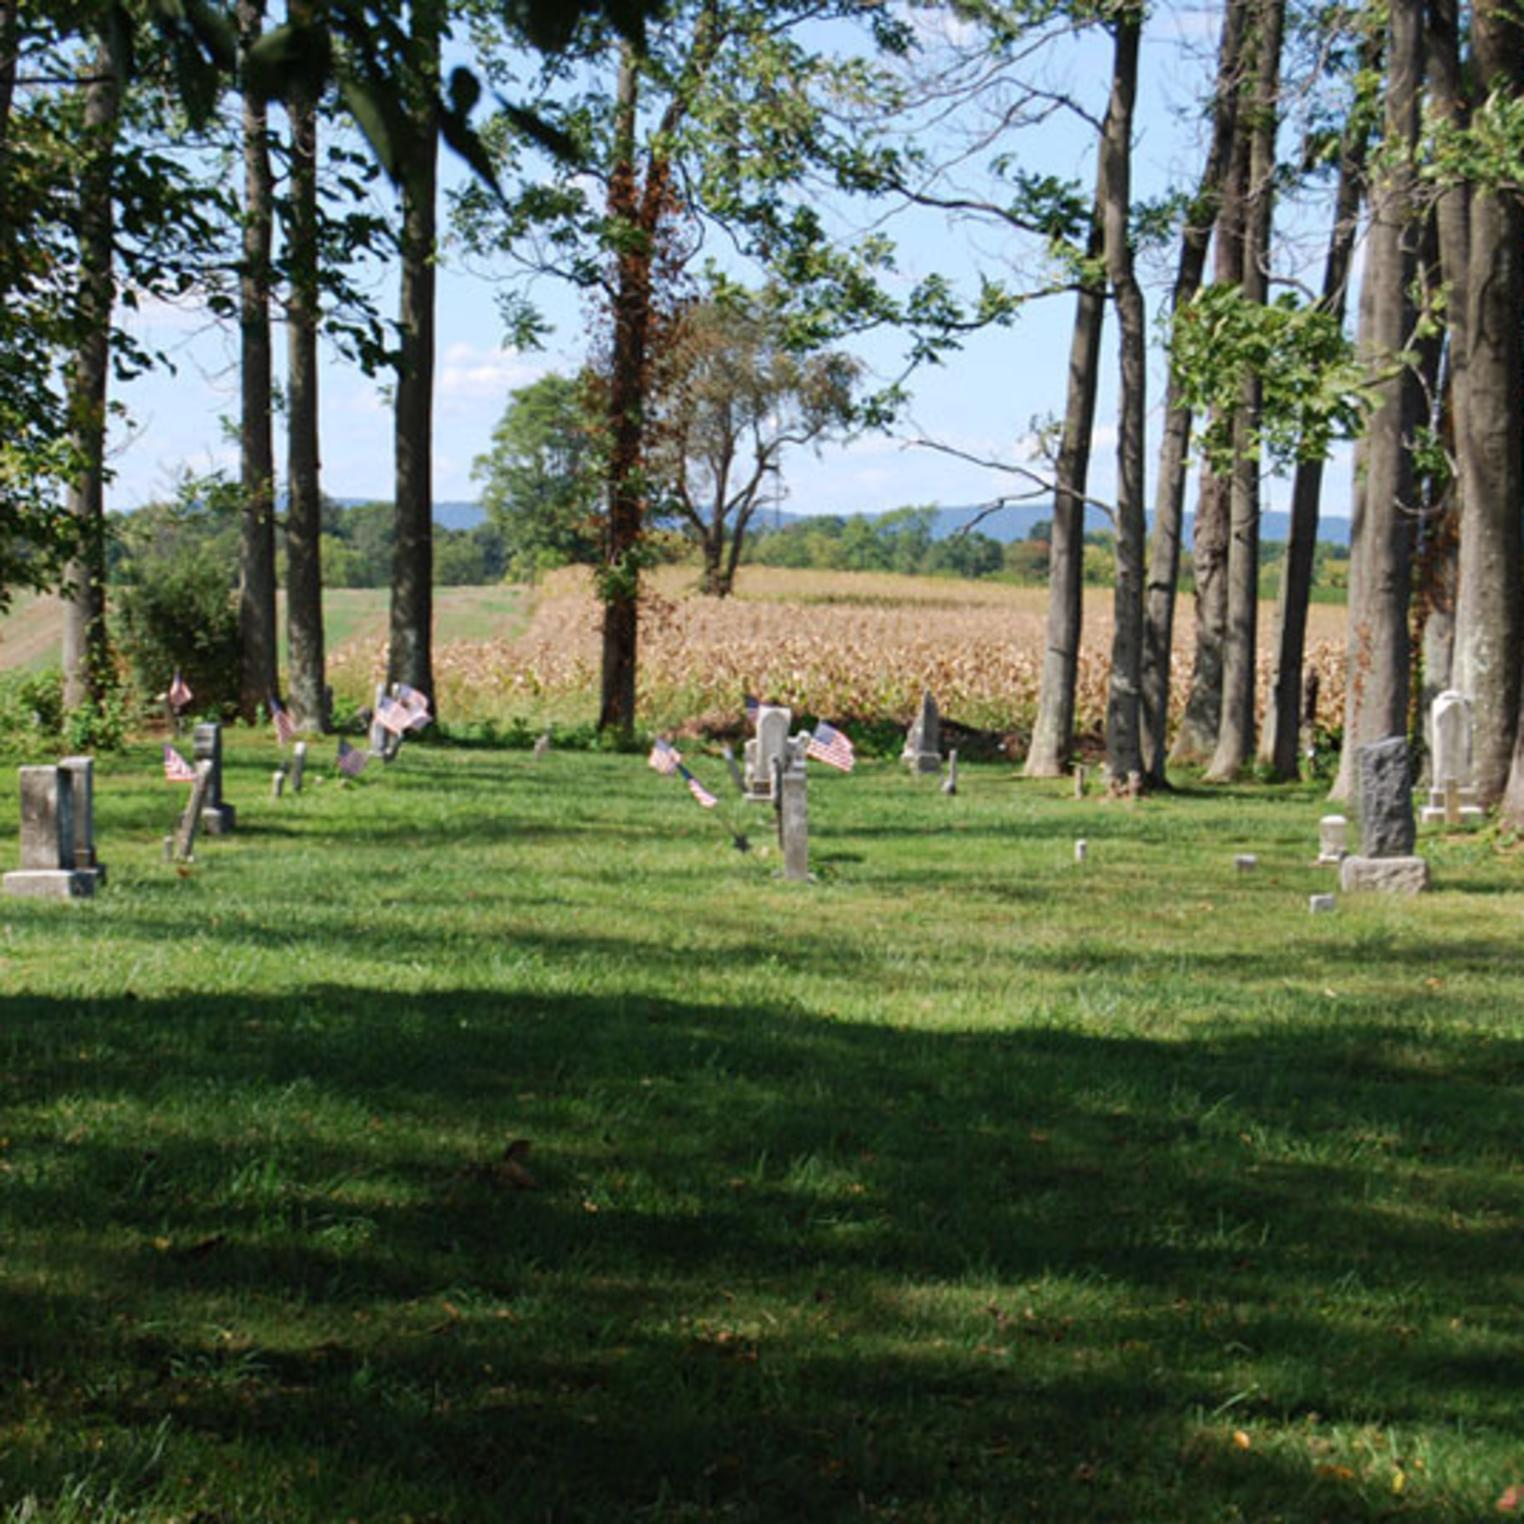 The scenic Lincoln Cemetery